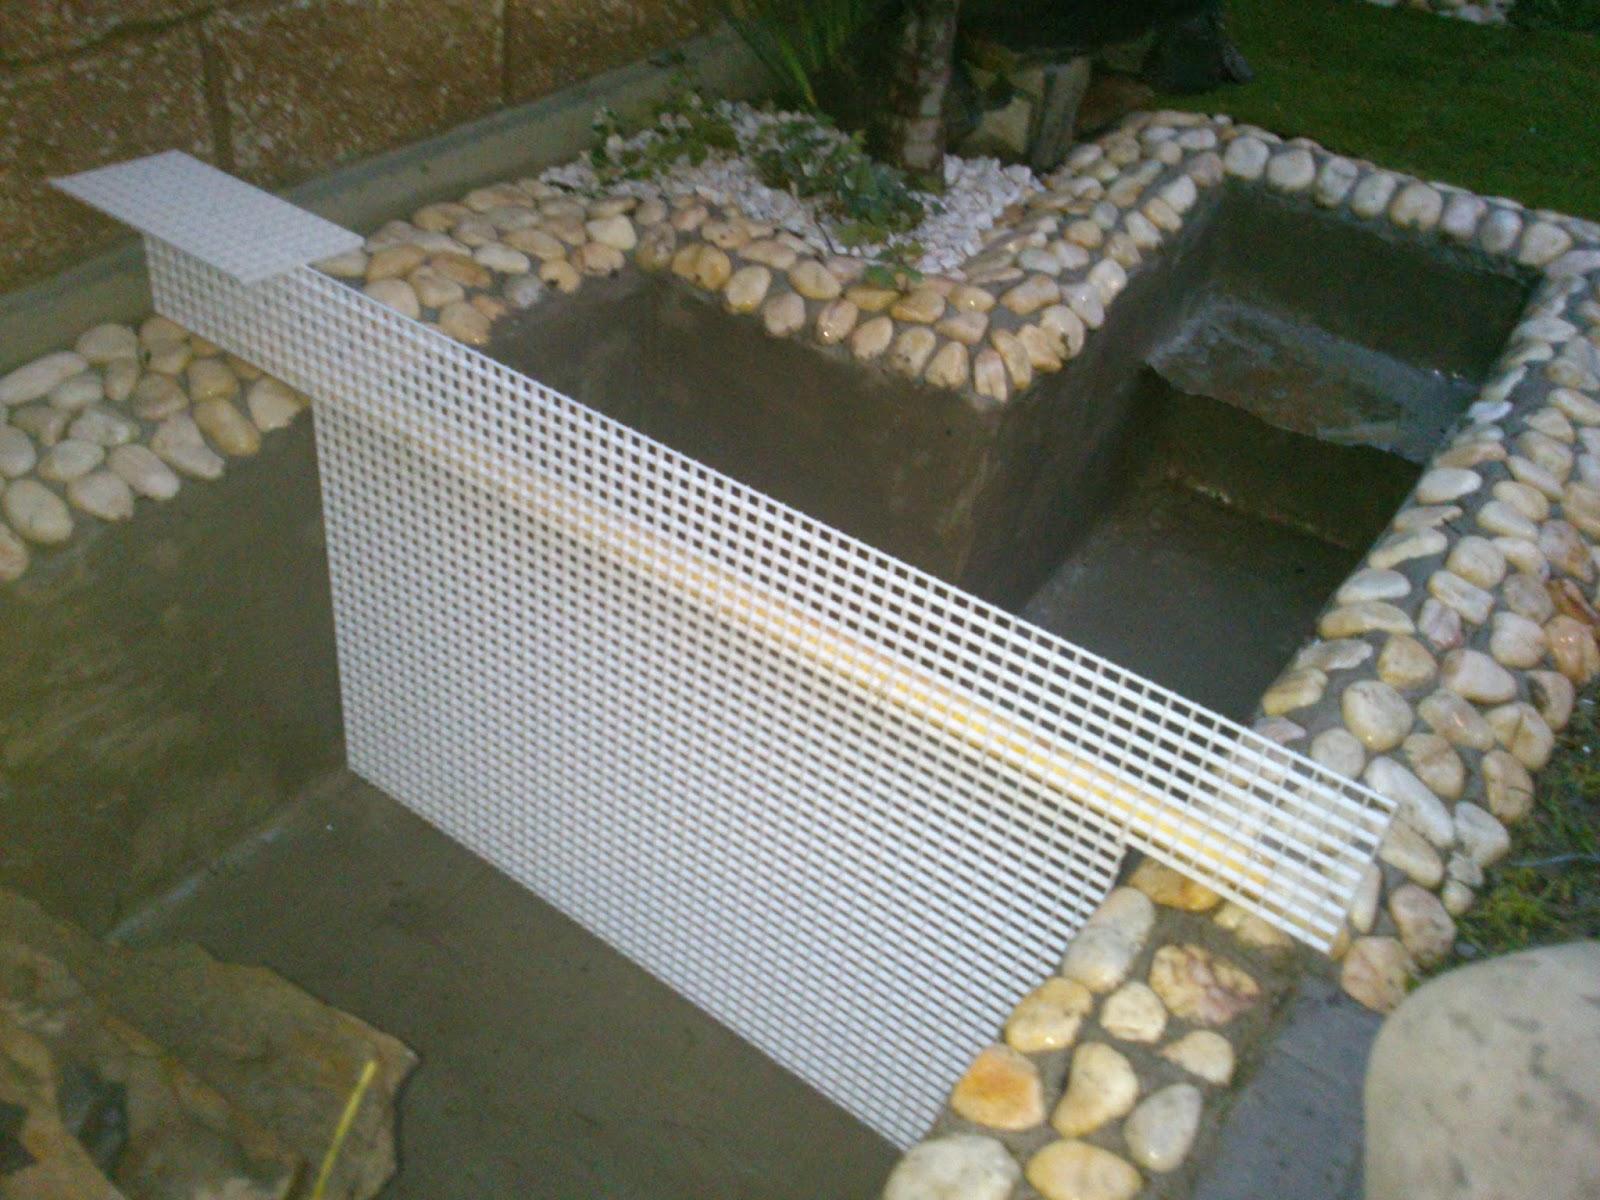 El estanque de mis tortugas for Estanques pequenos para tortugas